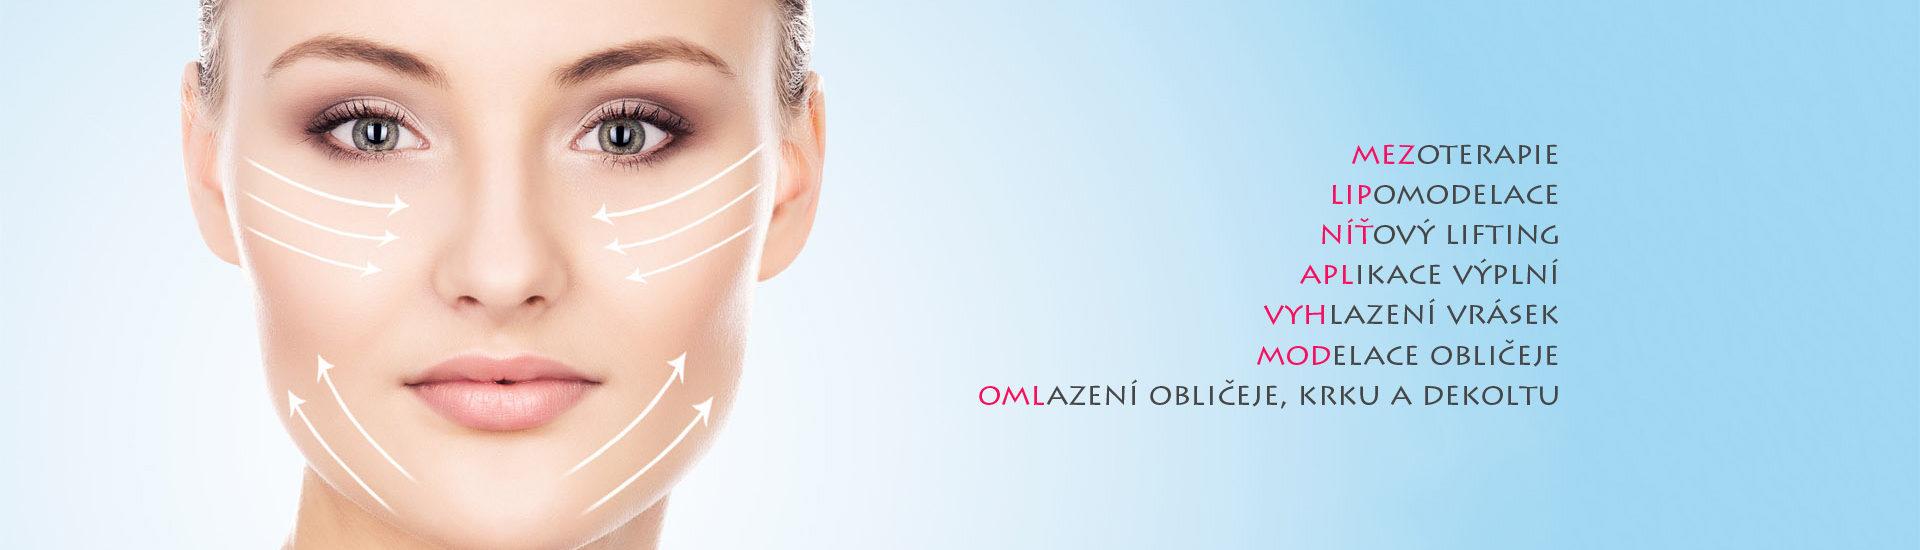 mezoterapie lipomodelace níťový lifting aplikace výplní vyhlazení vrásek modelace obličeje omlazení obličeje krku a dekoltu